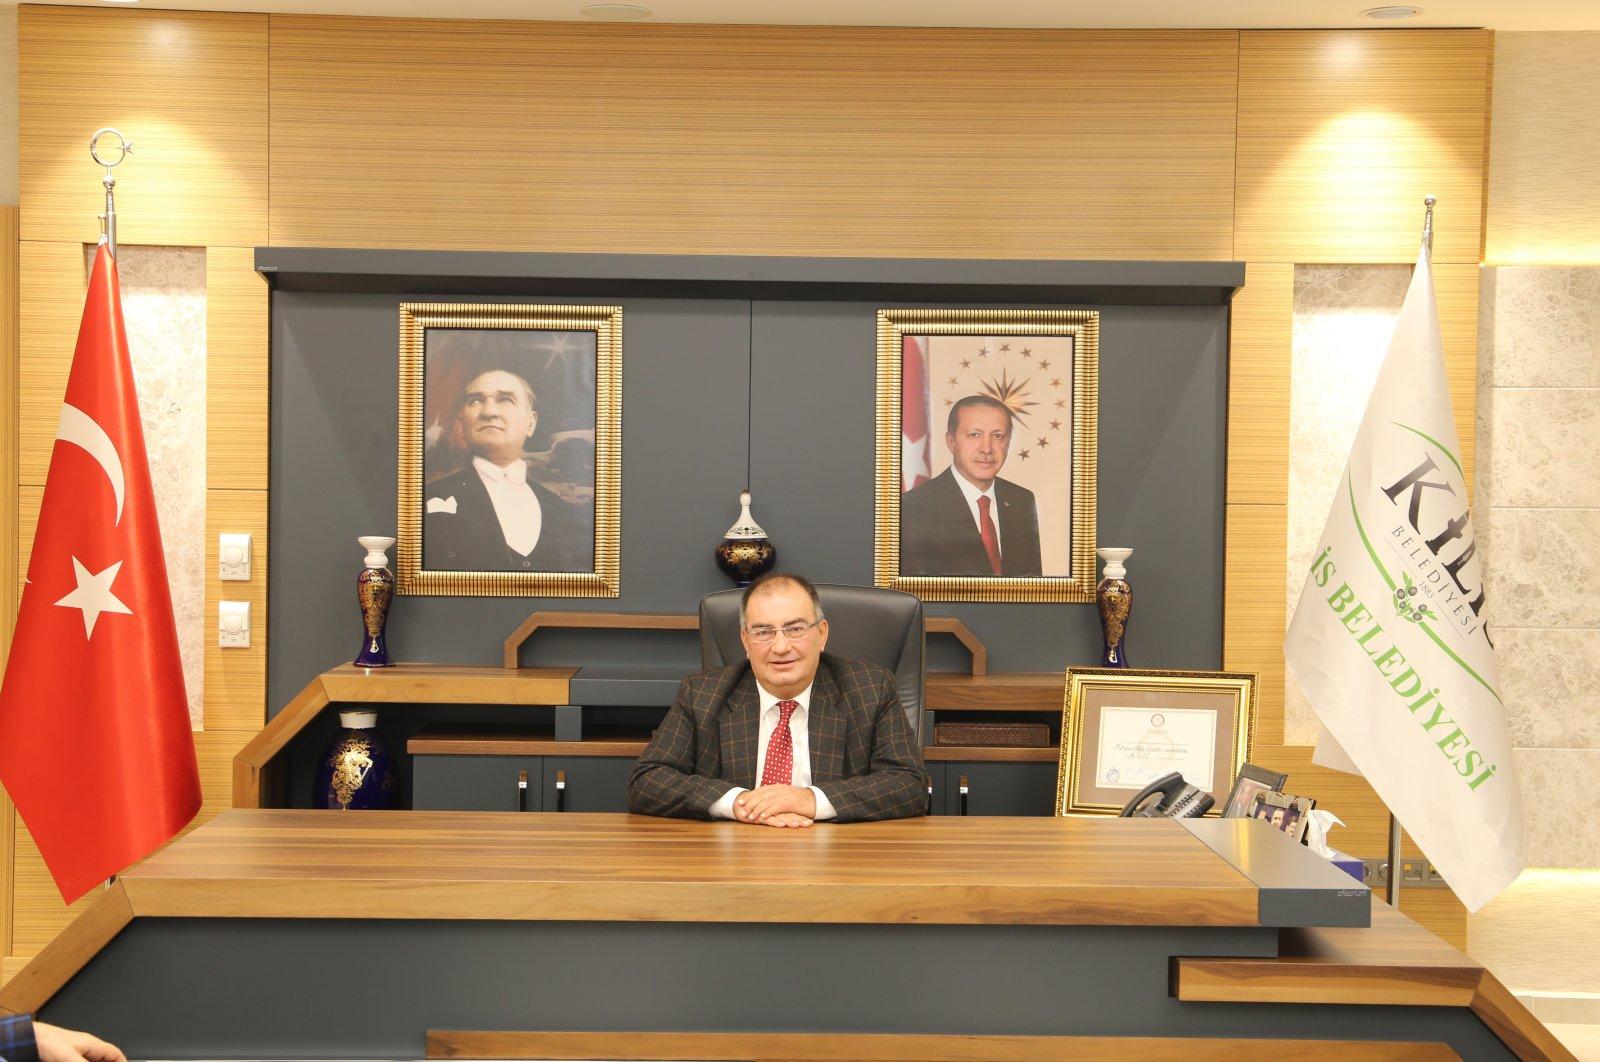 Kilis Mayor Mehmet Abdi Bulut. (IHA File Photo)